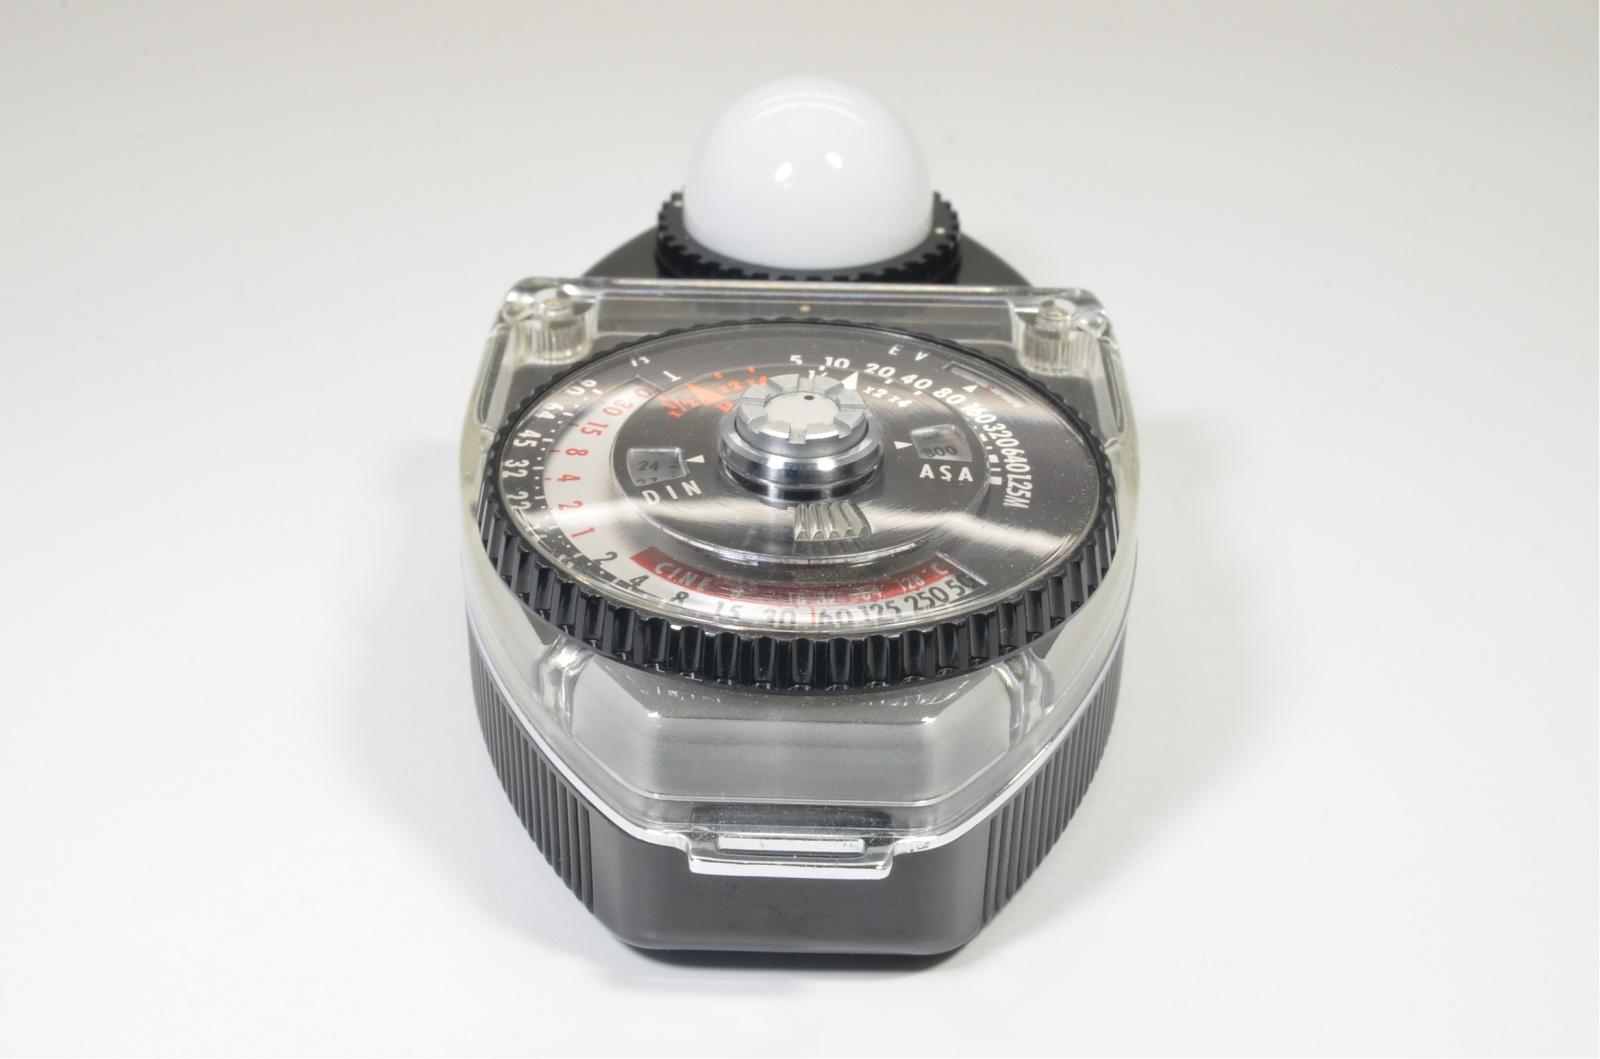 sekonic studio deluxe l-398 exposure light meter from japan